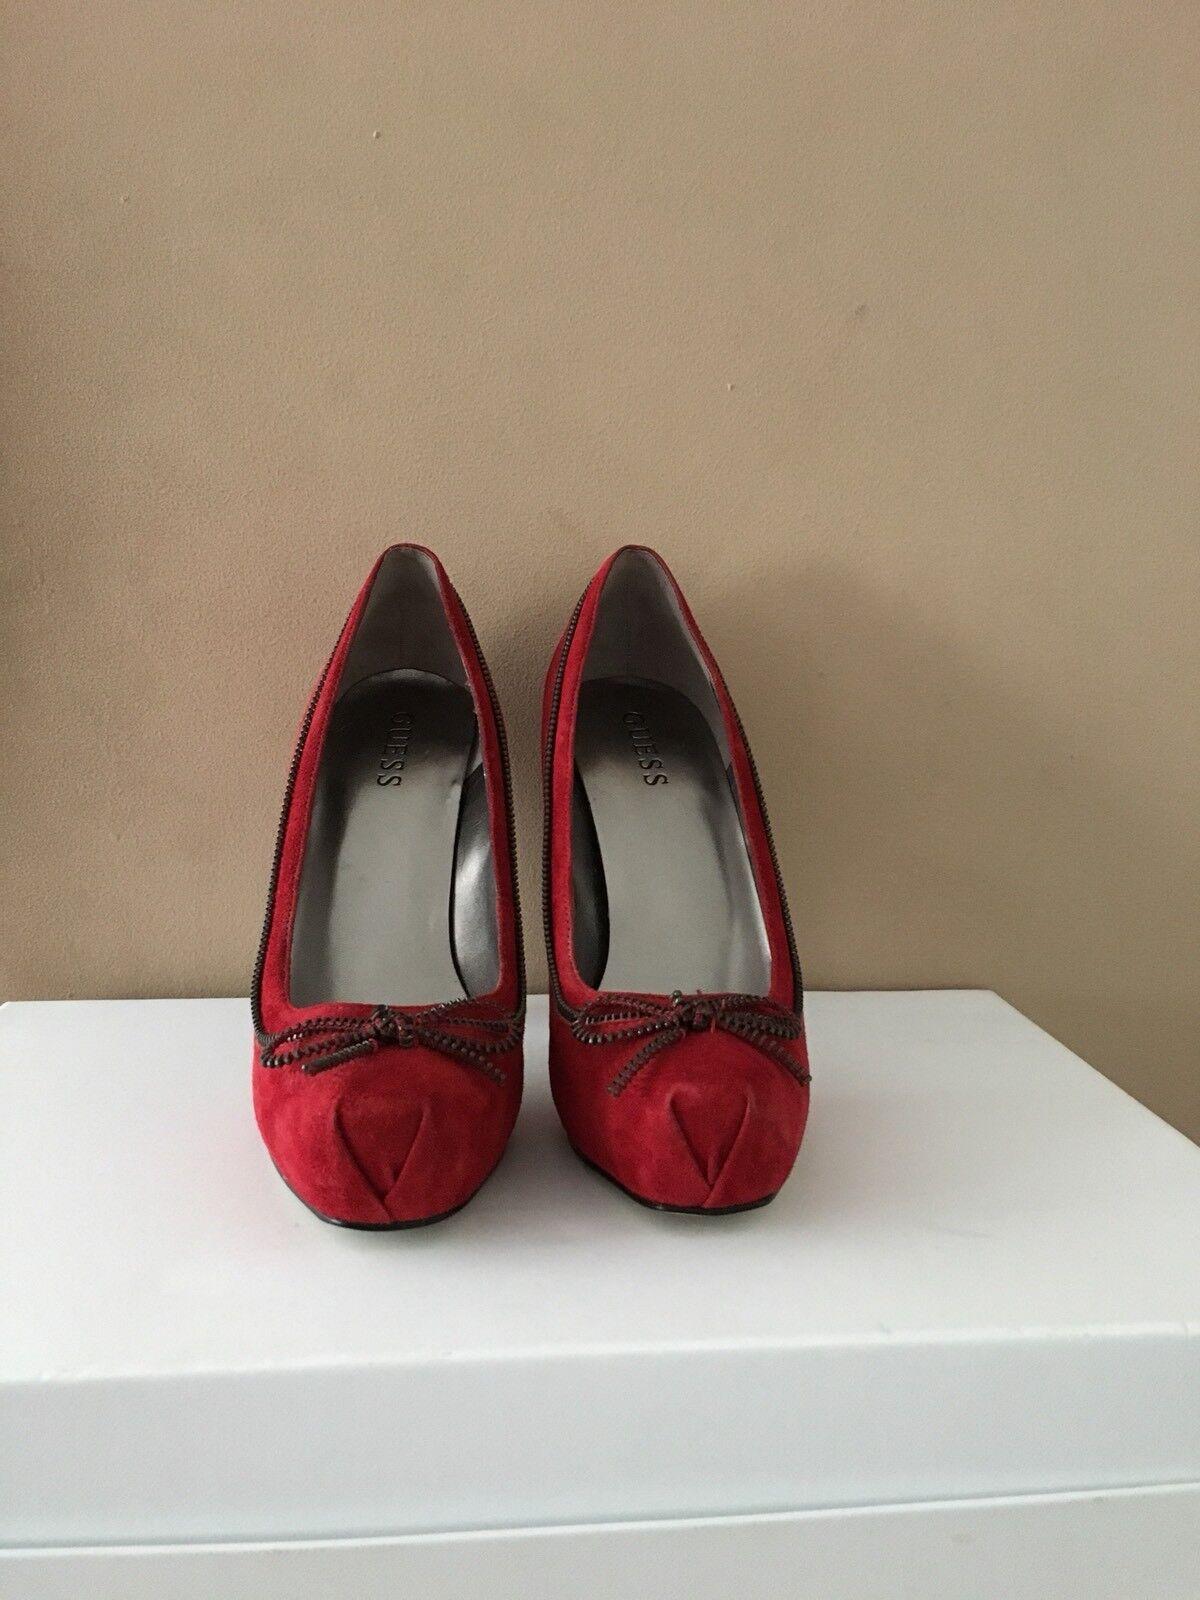 Guess Damas Zapatos De Gamuza Rojo Talla Talla Talla US8.5 UK6.5 BNWOB  artículos novedosos